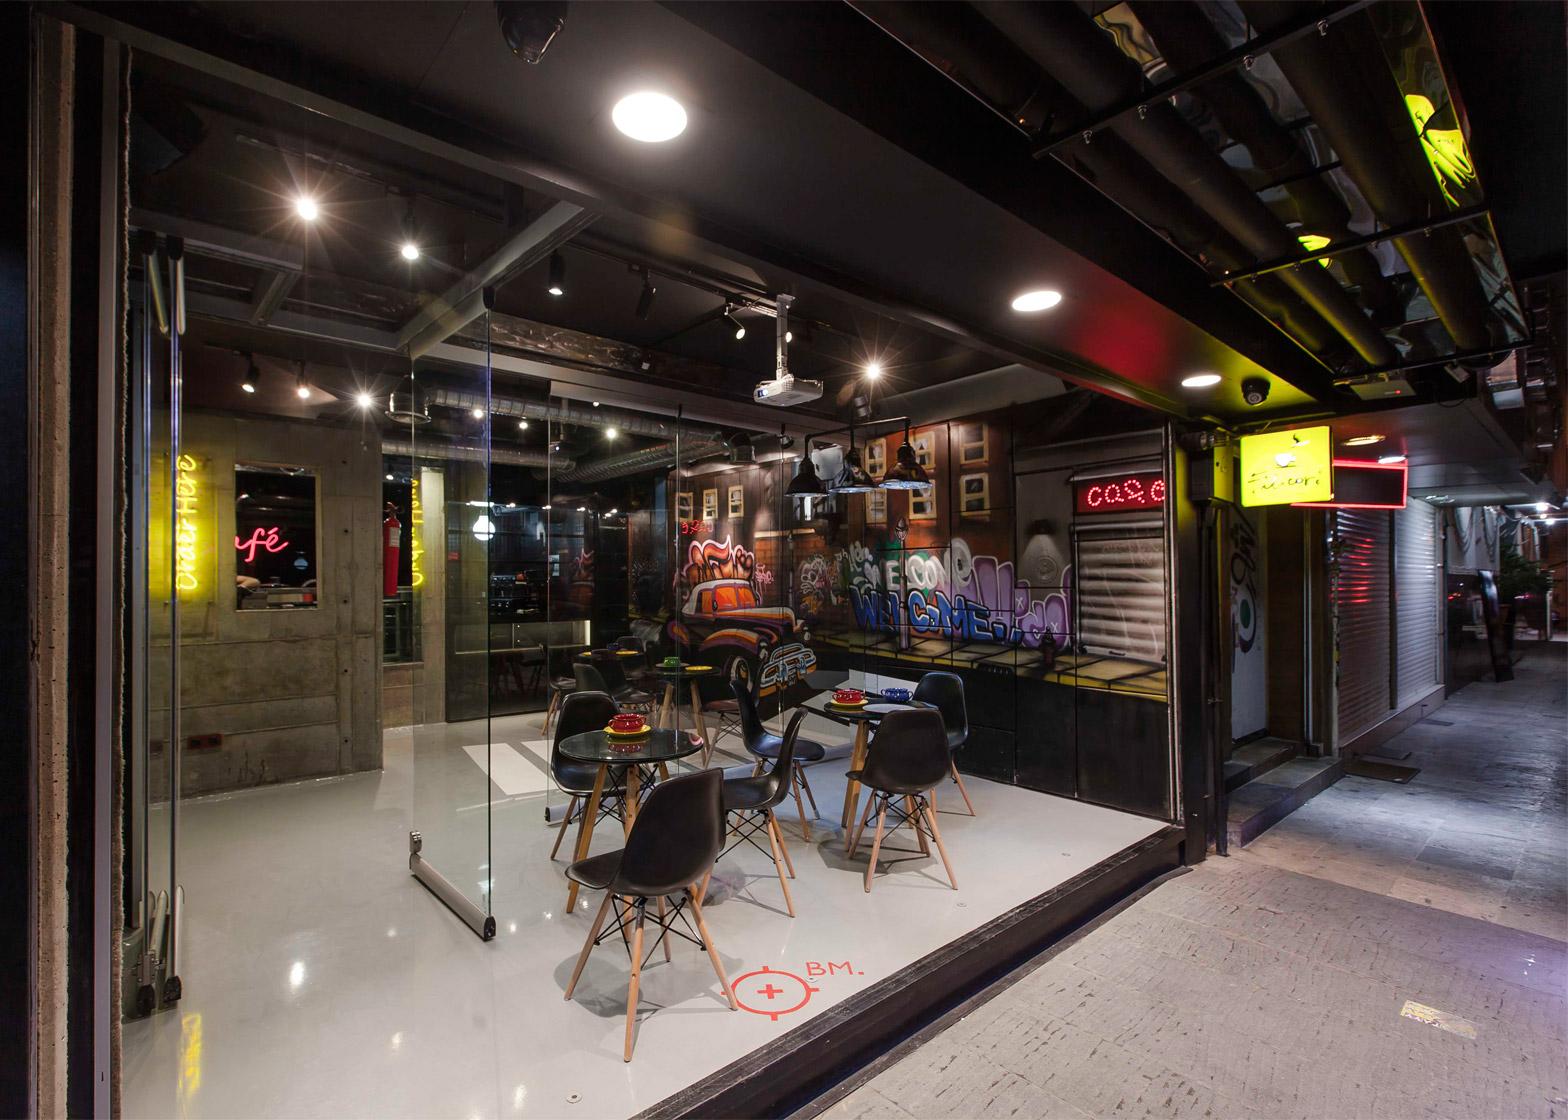 کافه امیر چکلت در تهران ؛ طراح : دفتر معماری مدام